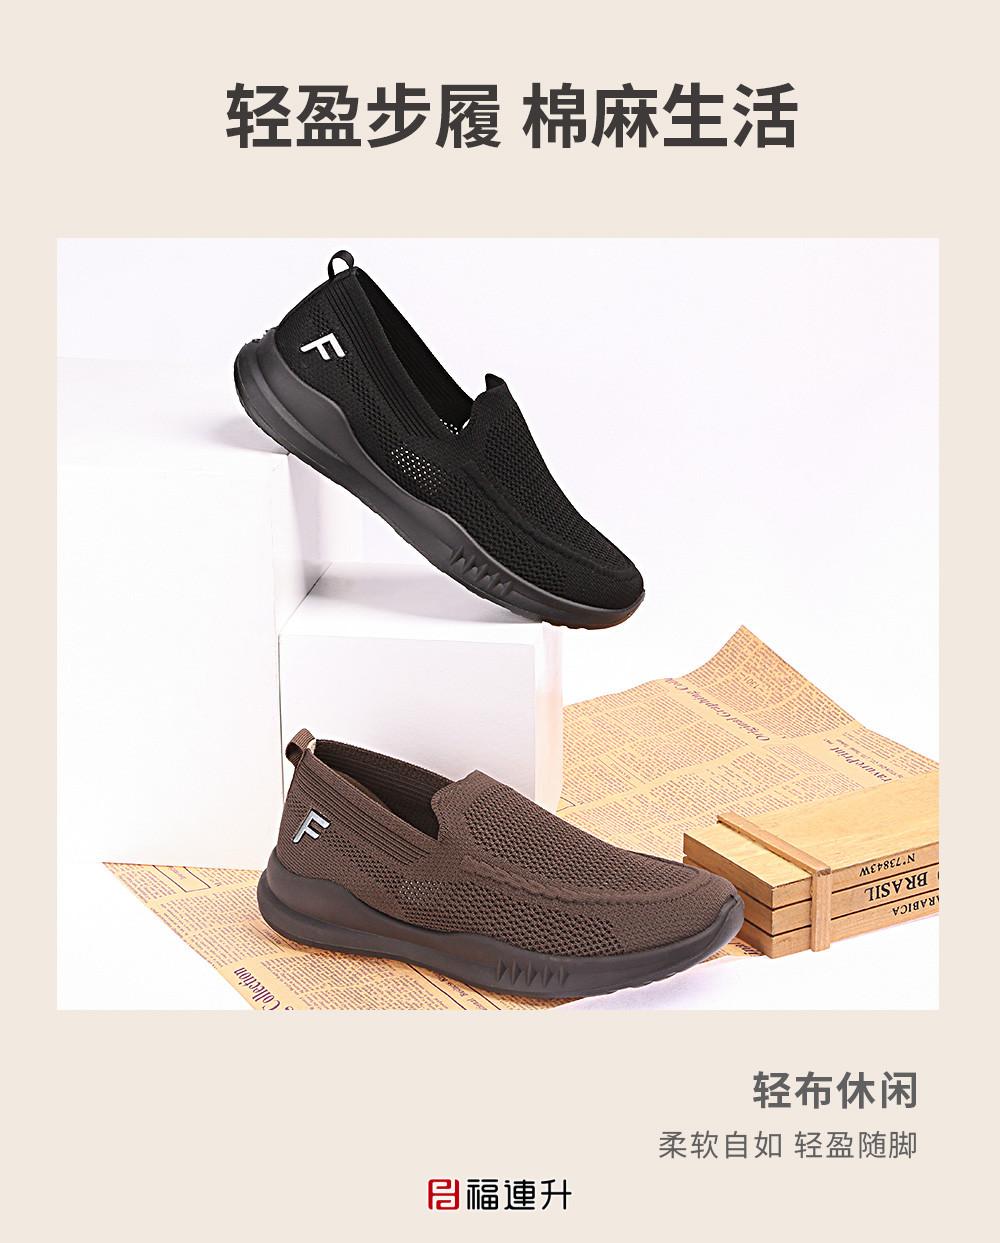 福连升老北京布鞋 夏轻便软底运动休闲网面透气男鞋图片